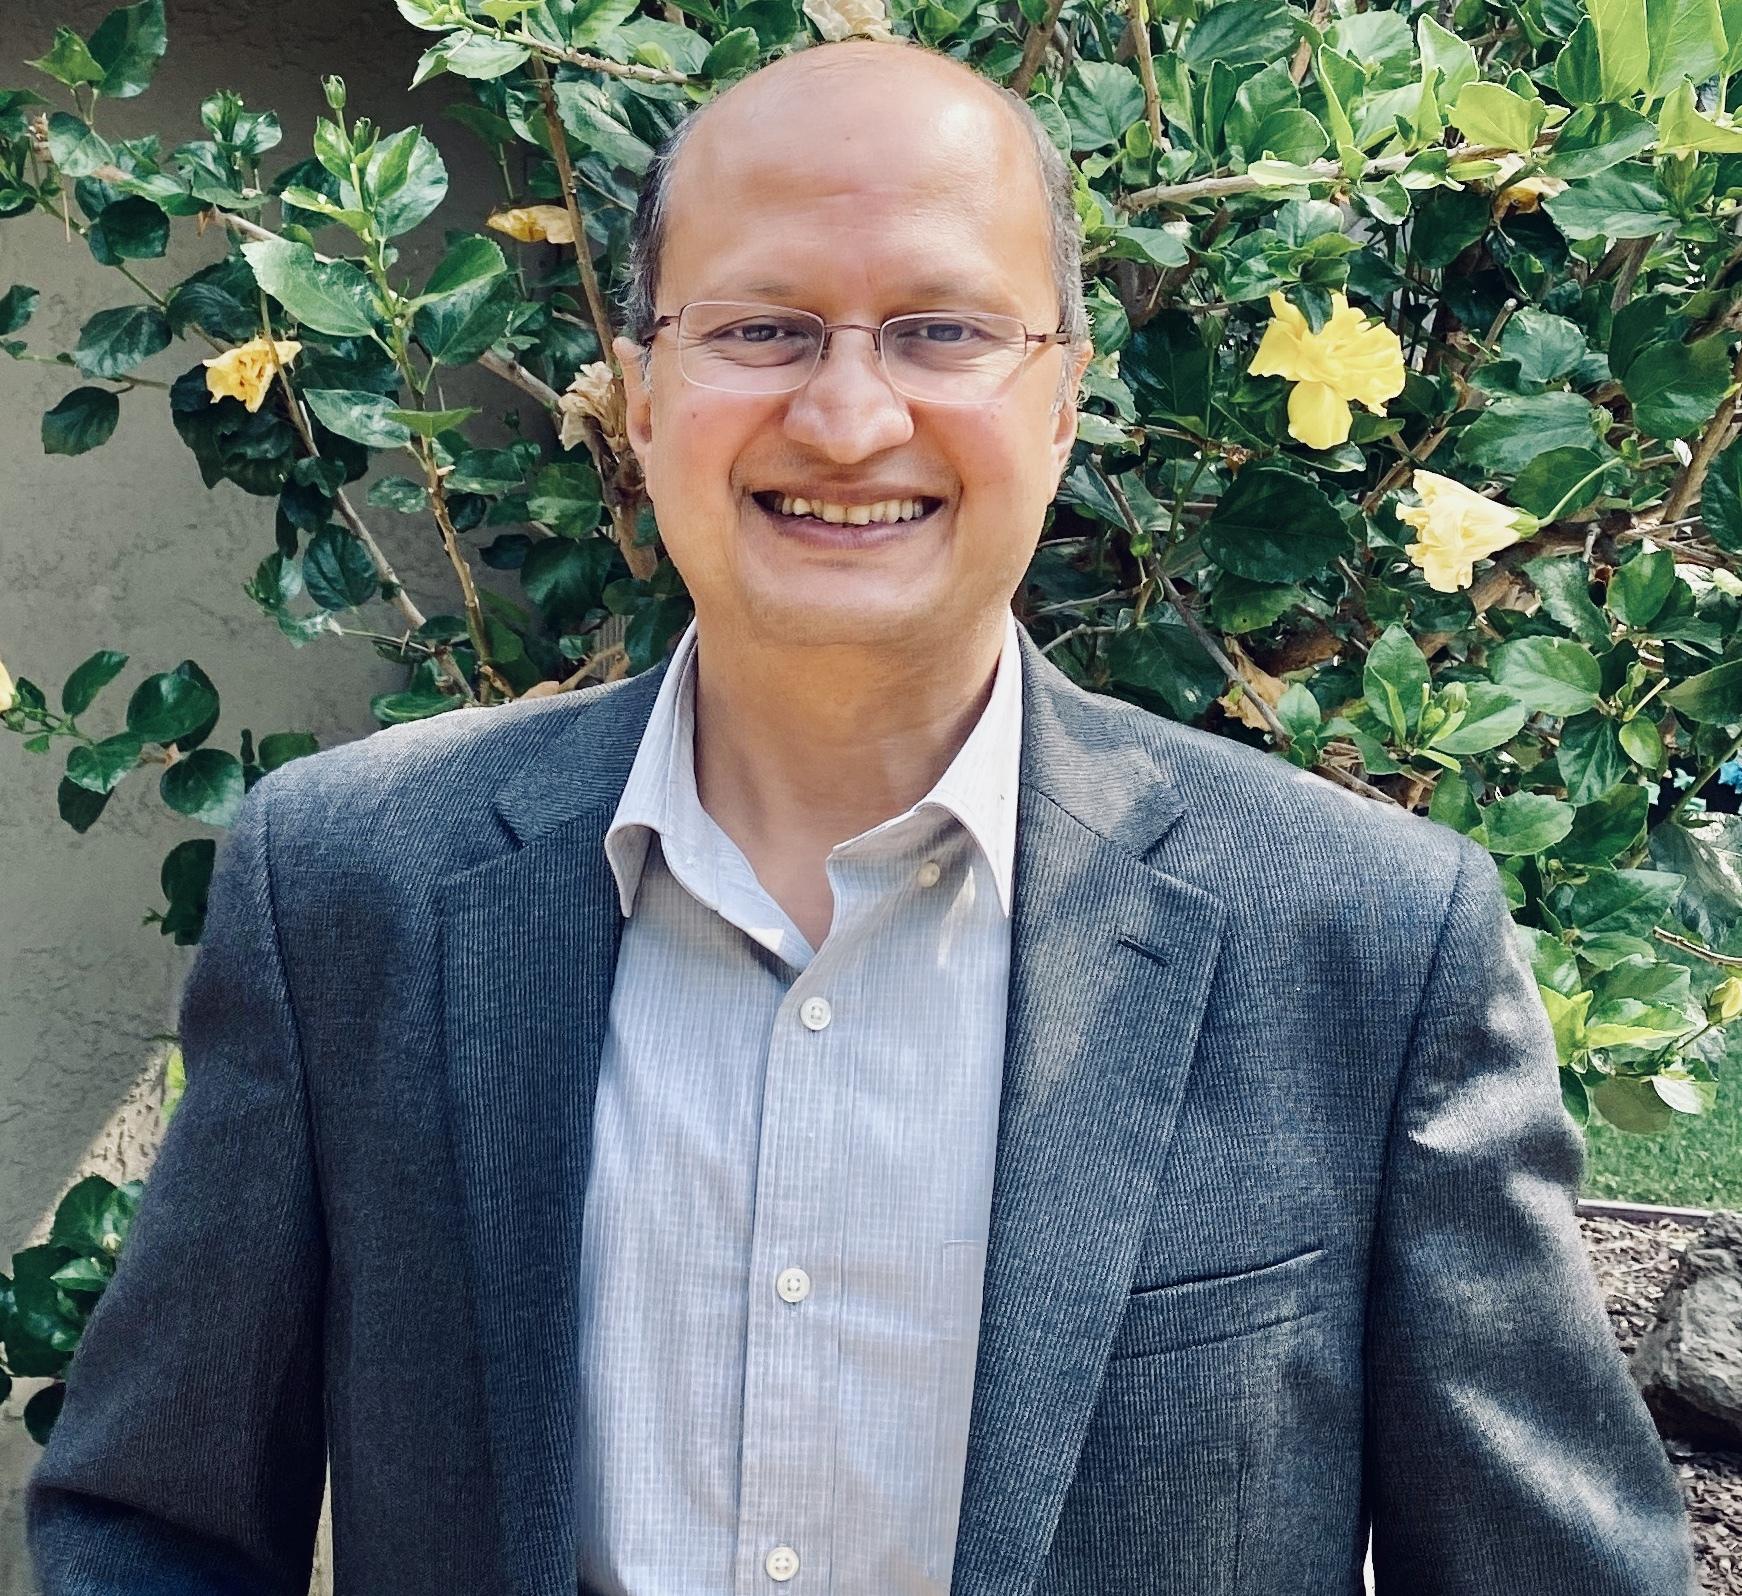 Shreesha Ramdas